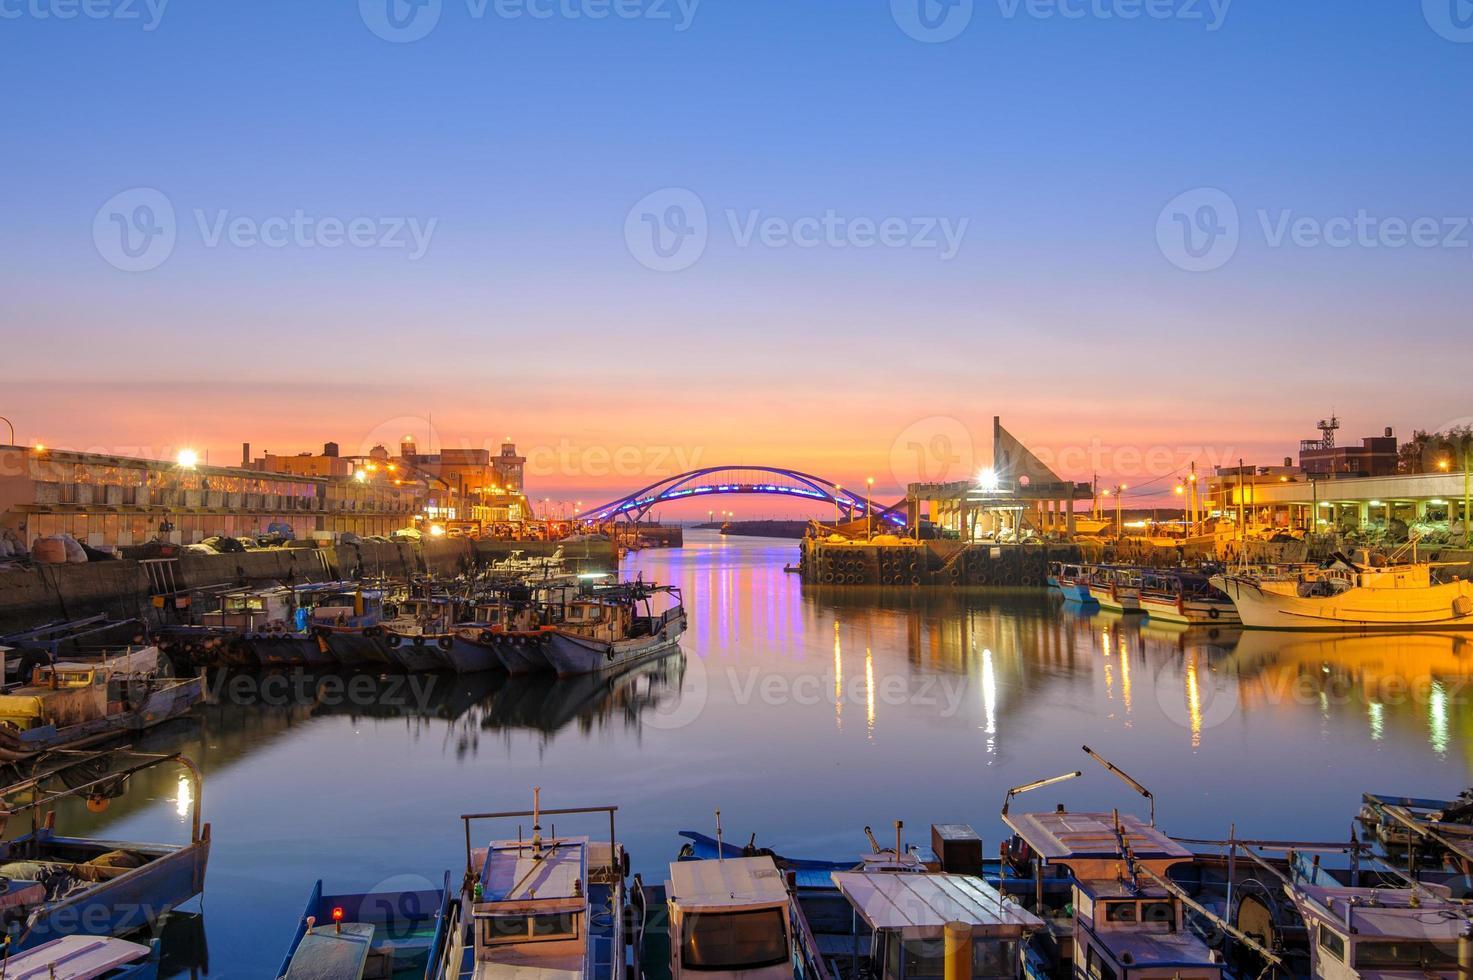 Night scene of a bridge in Taoyuan, Taiwan photo